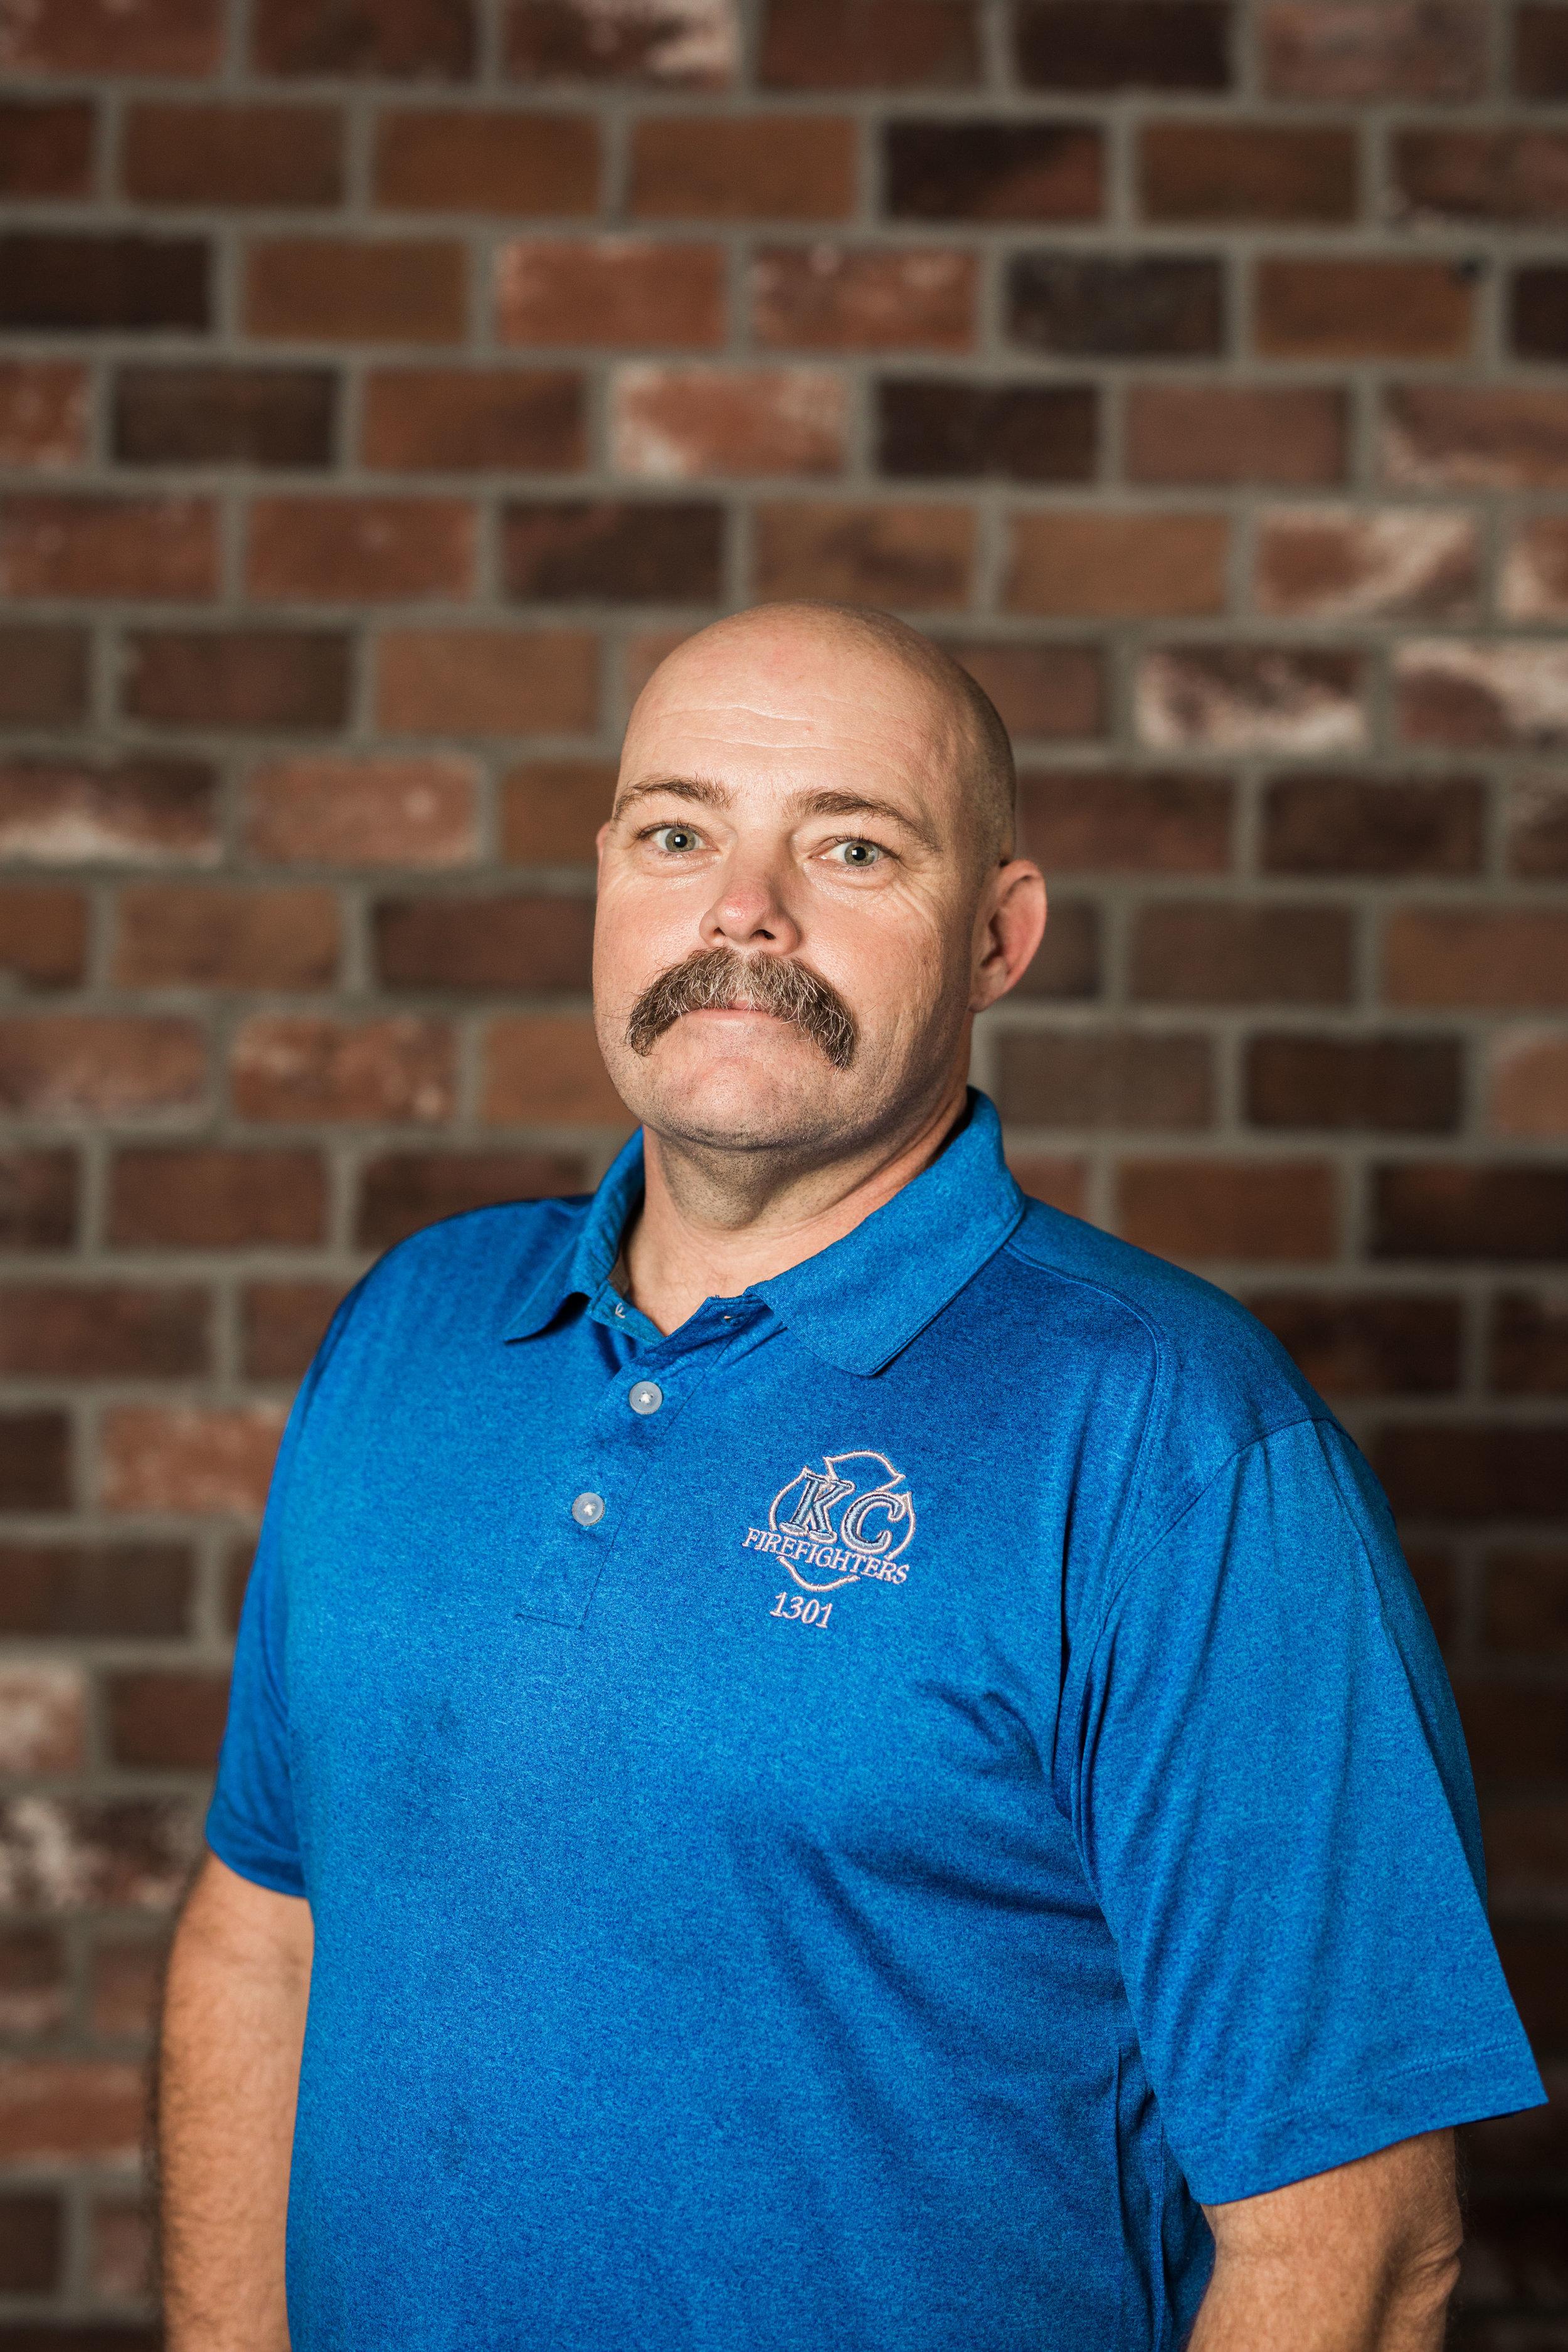 Dave Nelson - Jonahandlindsay